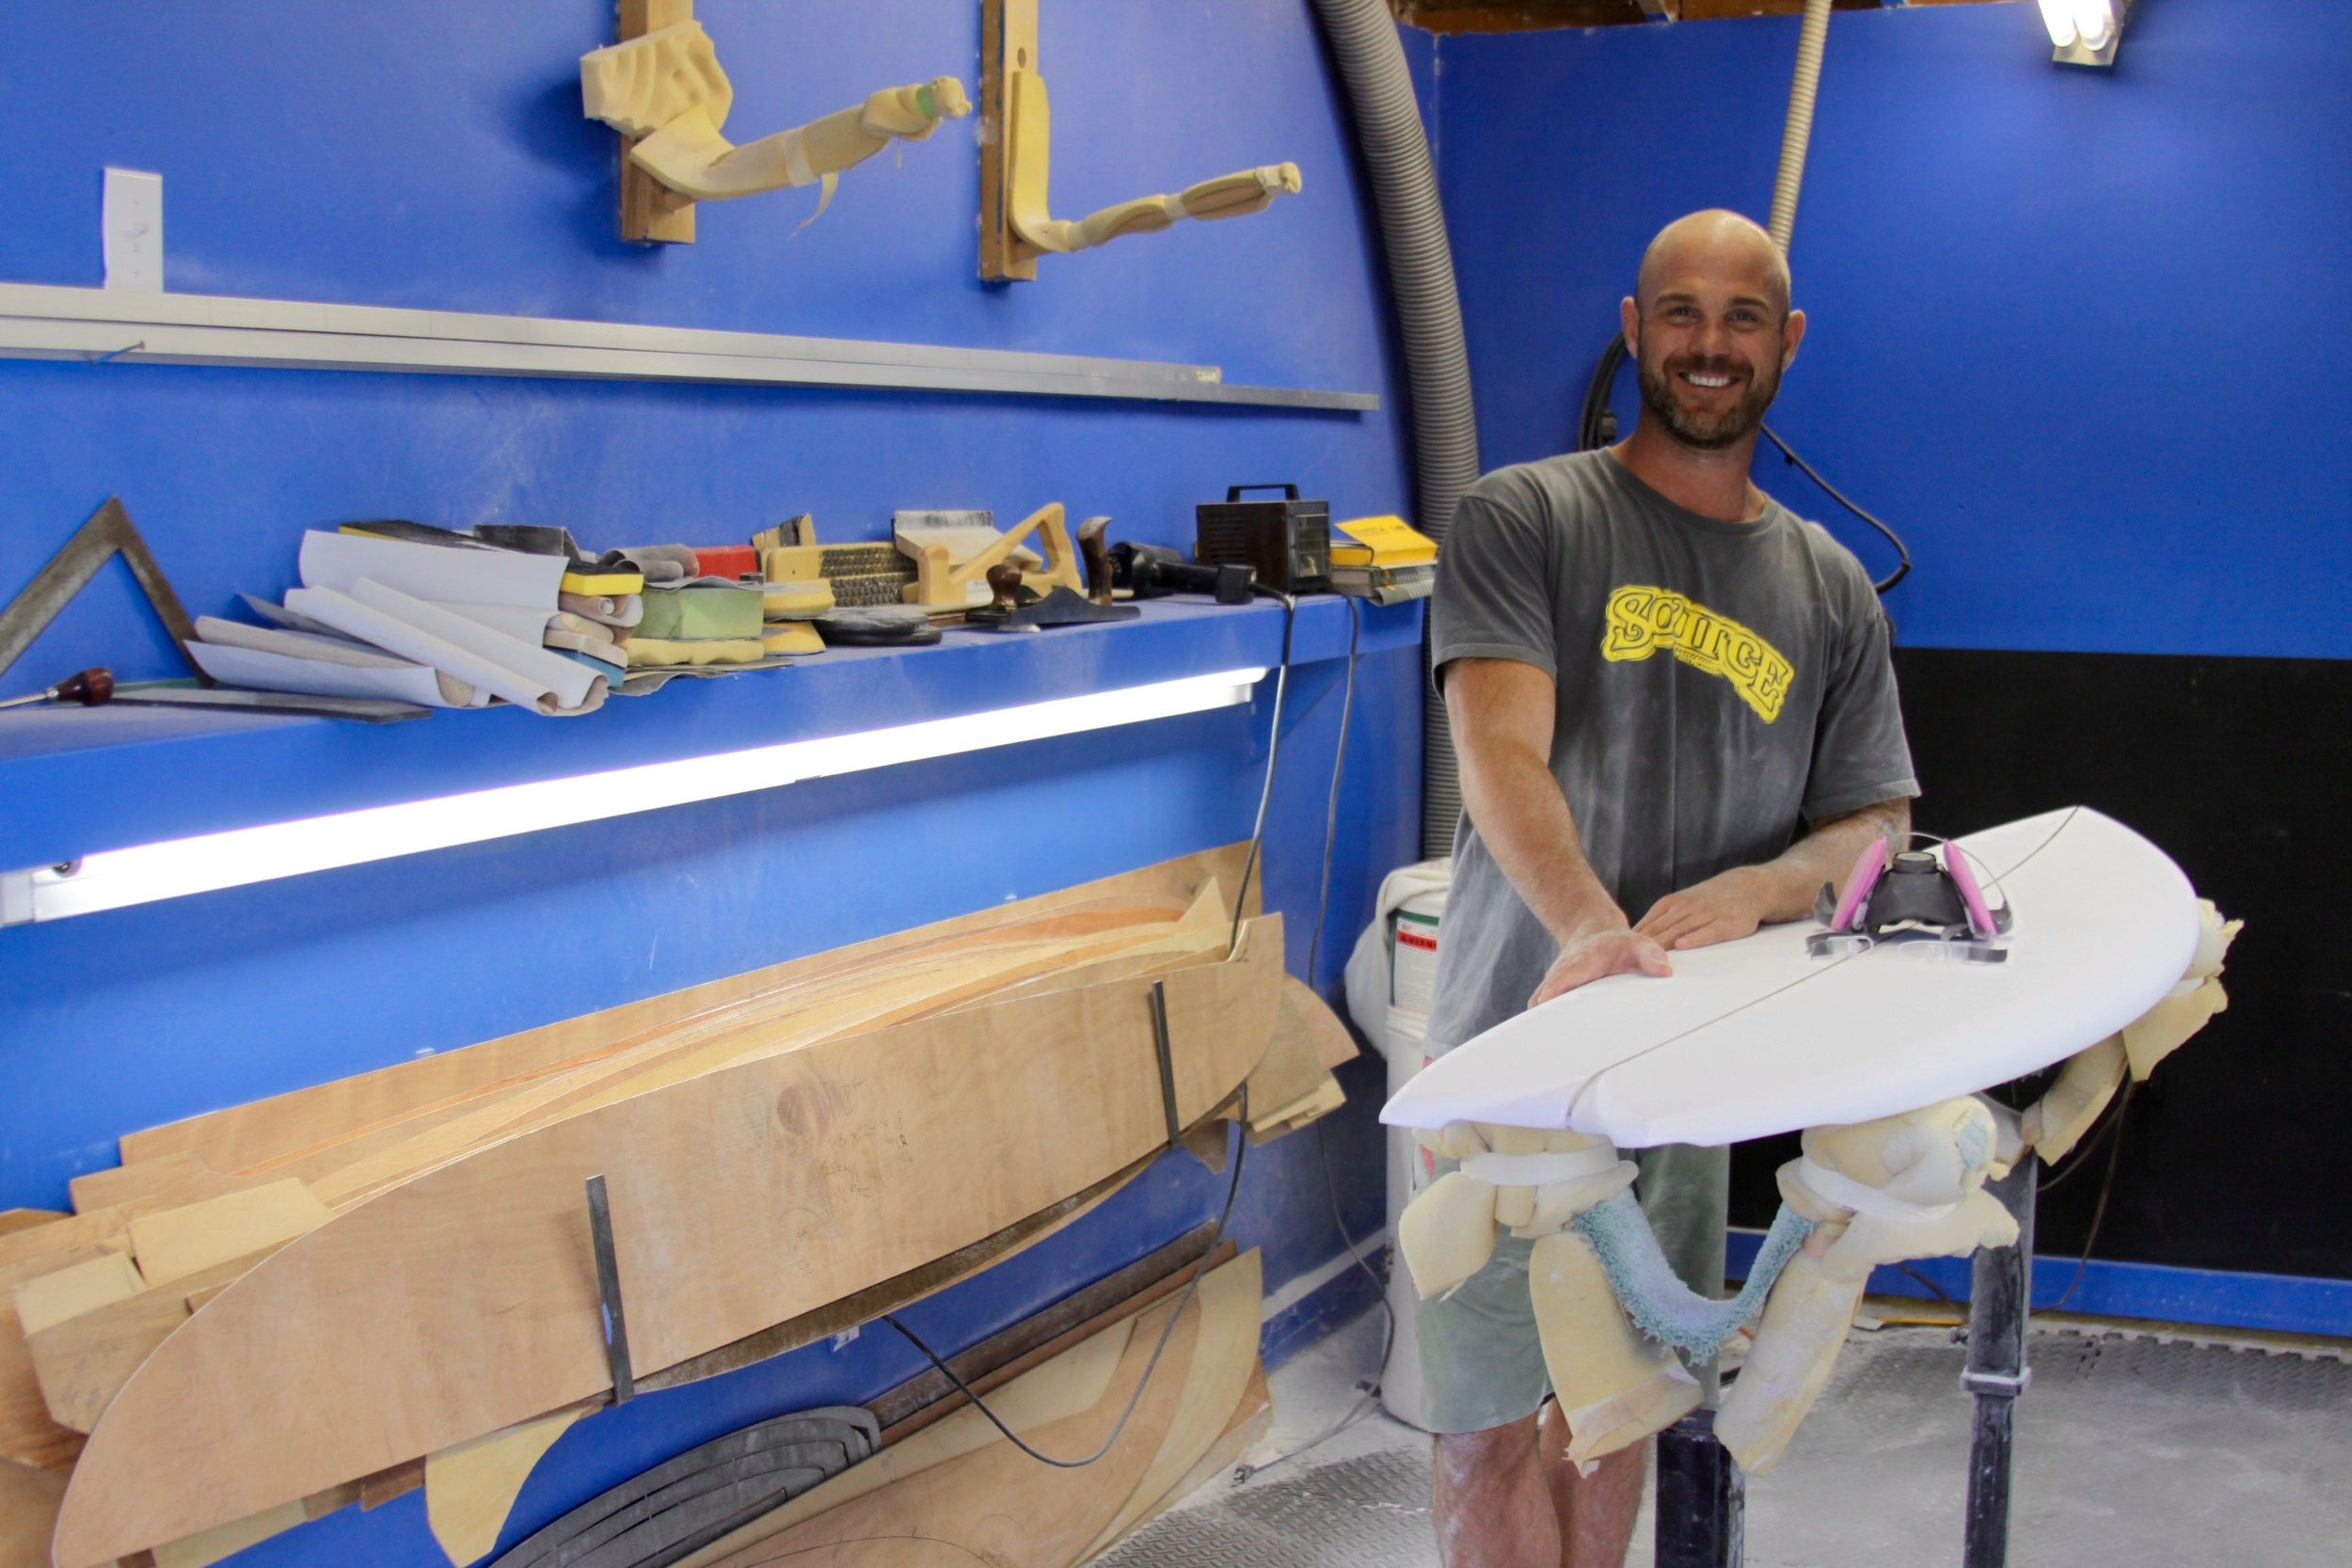 Palandrani in his happy place. Photo: courtesy of Nick Palandrani